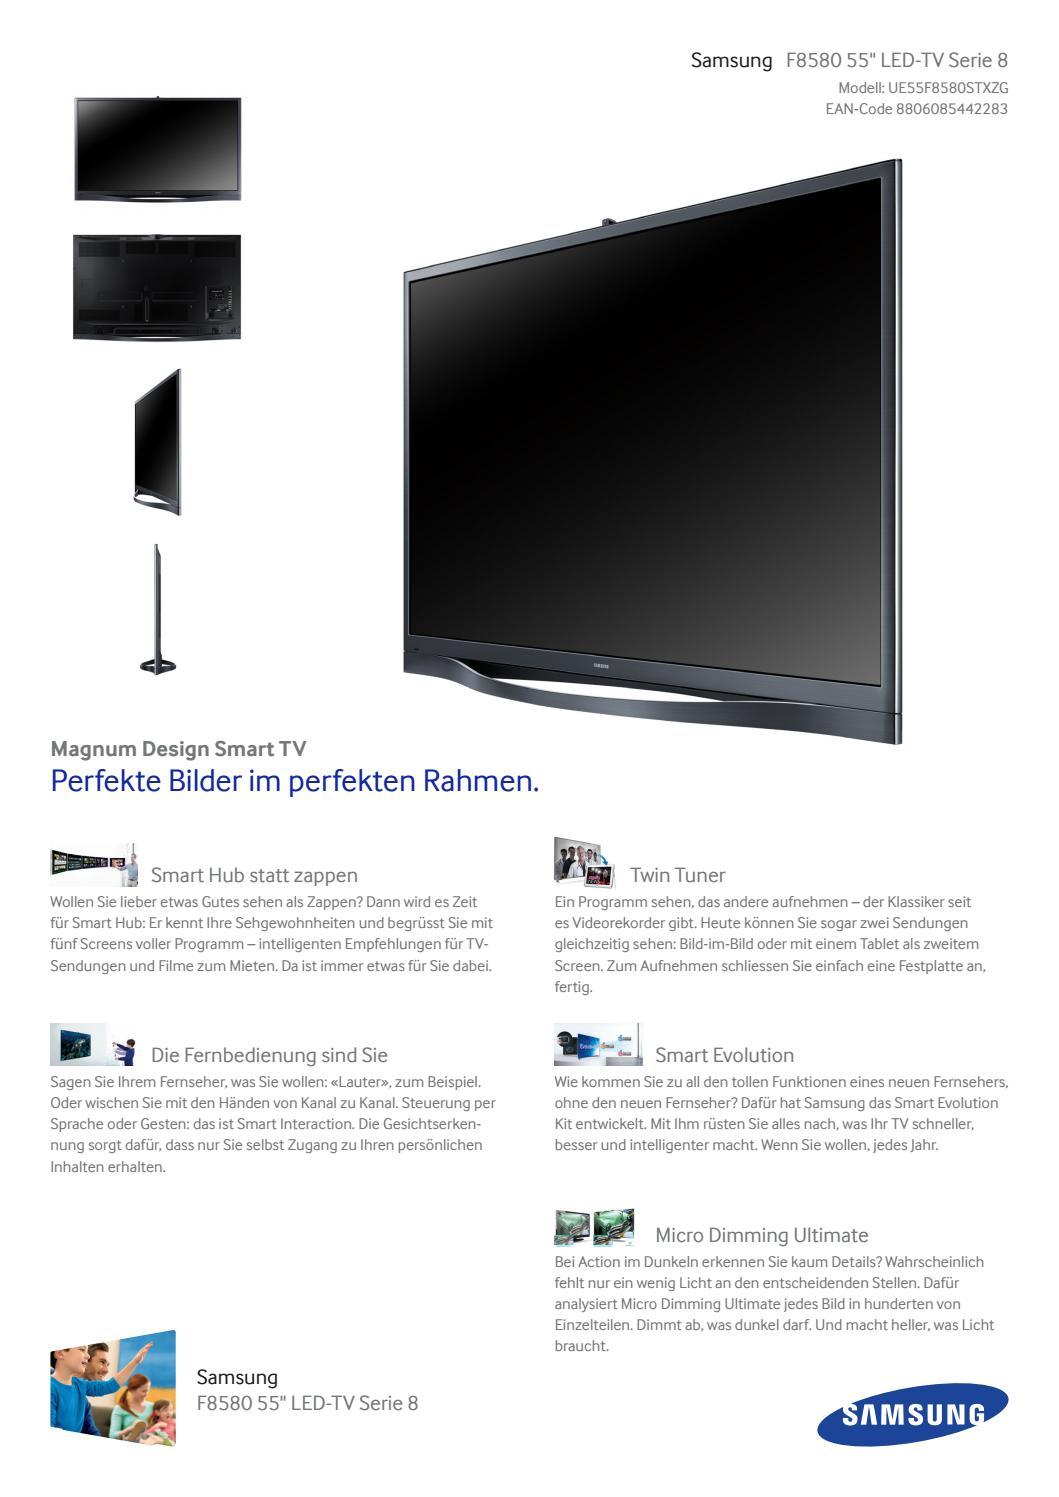 Samsung Datenblatt LED-TV by Arne Völker - issuu